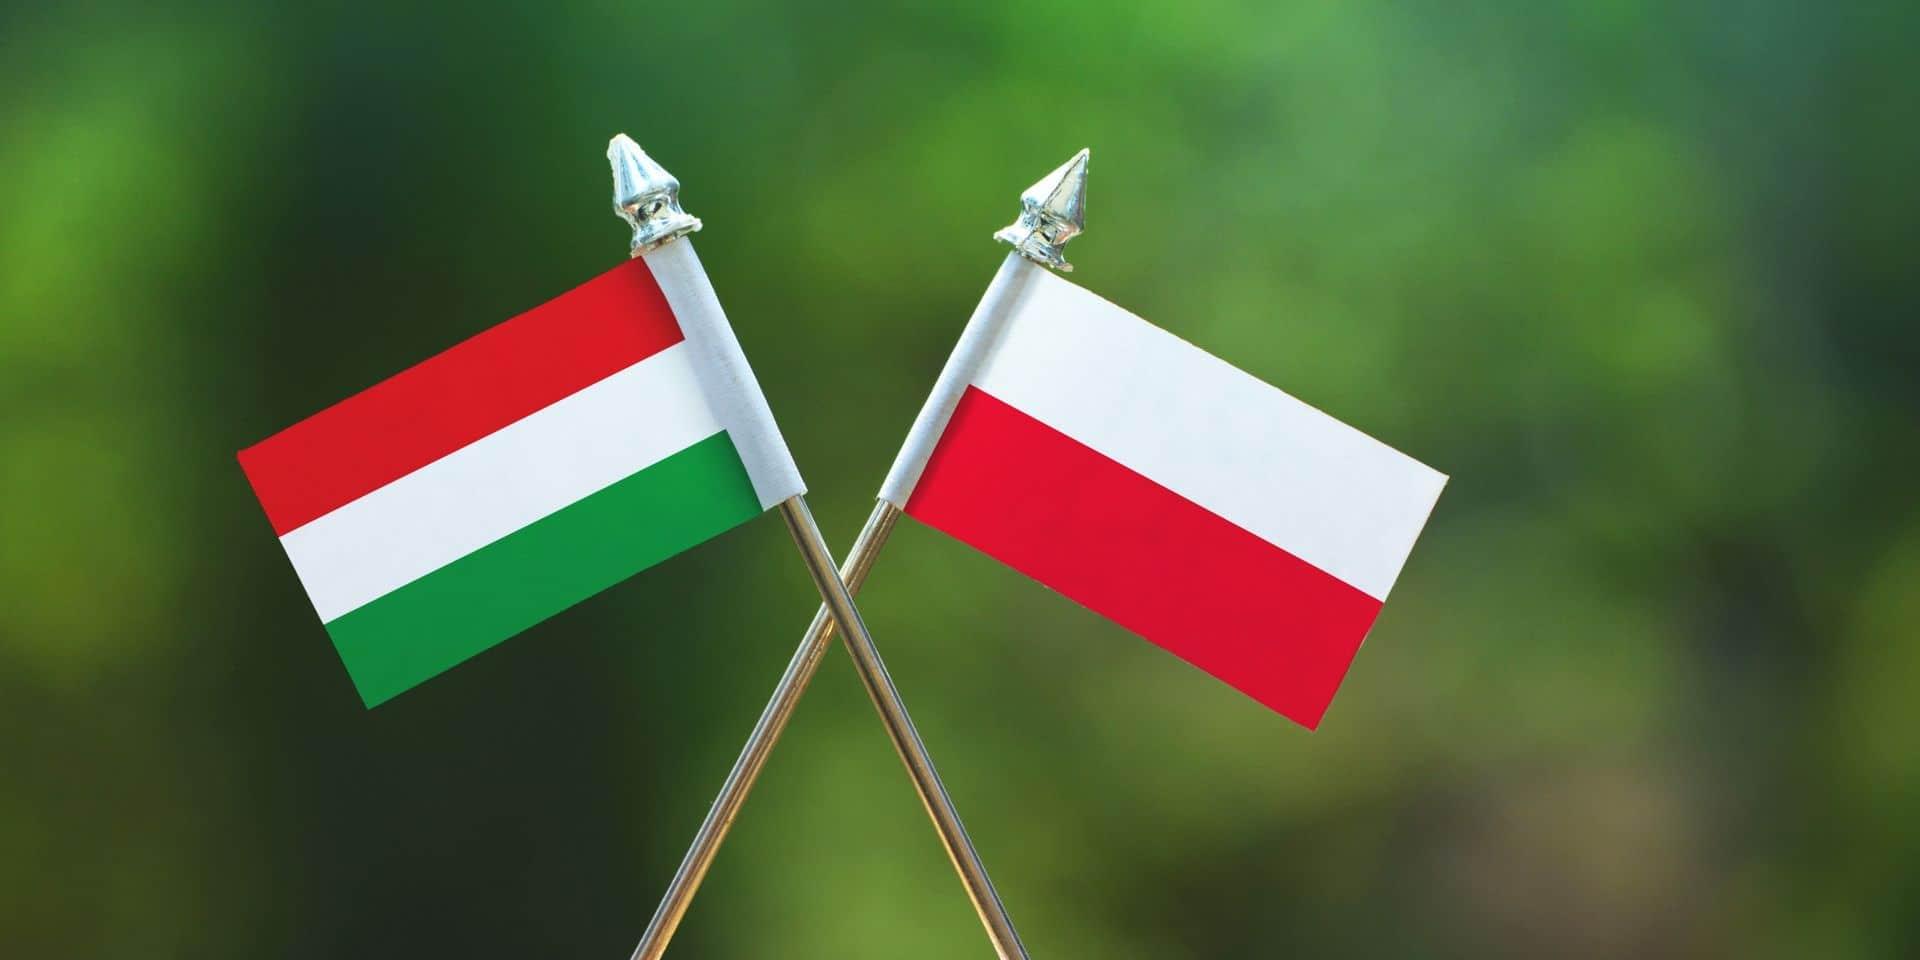 La Pologne et la Hongrie ont attaqué le nouveau règlement liant les fonds européens au respect de l'état de droit.